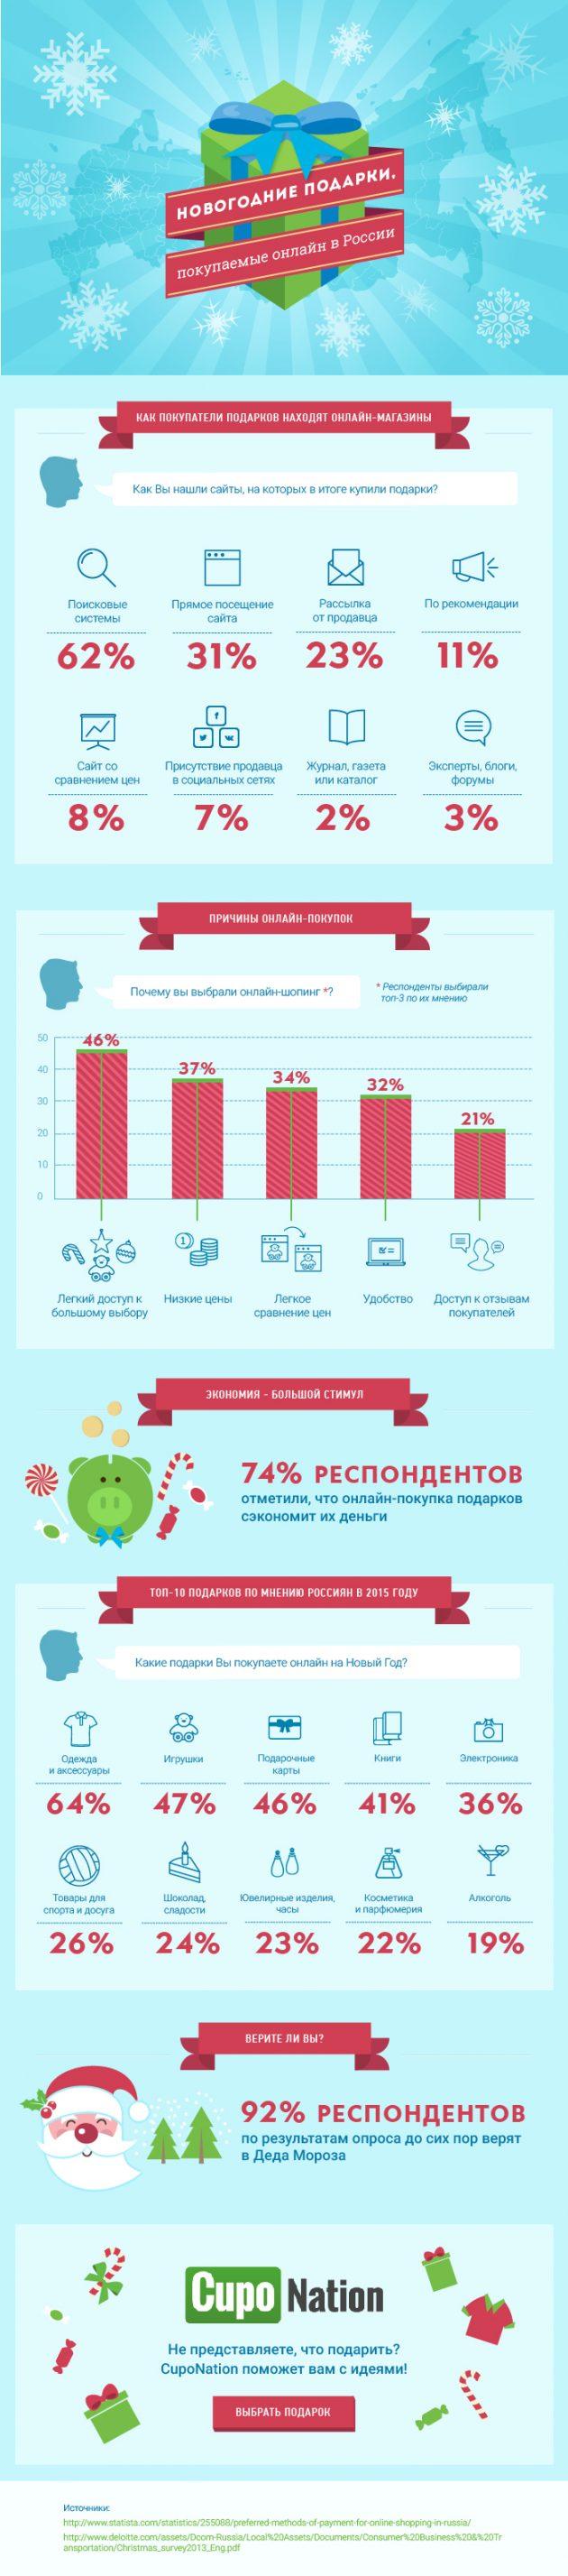 Infographic-01 (1)